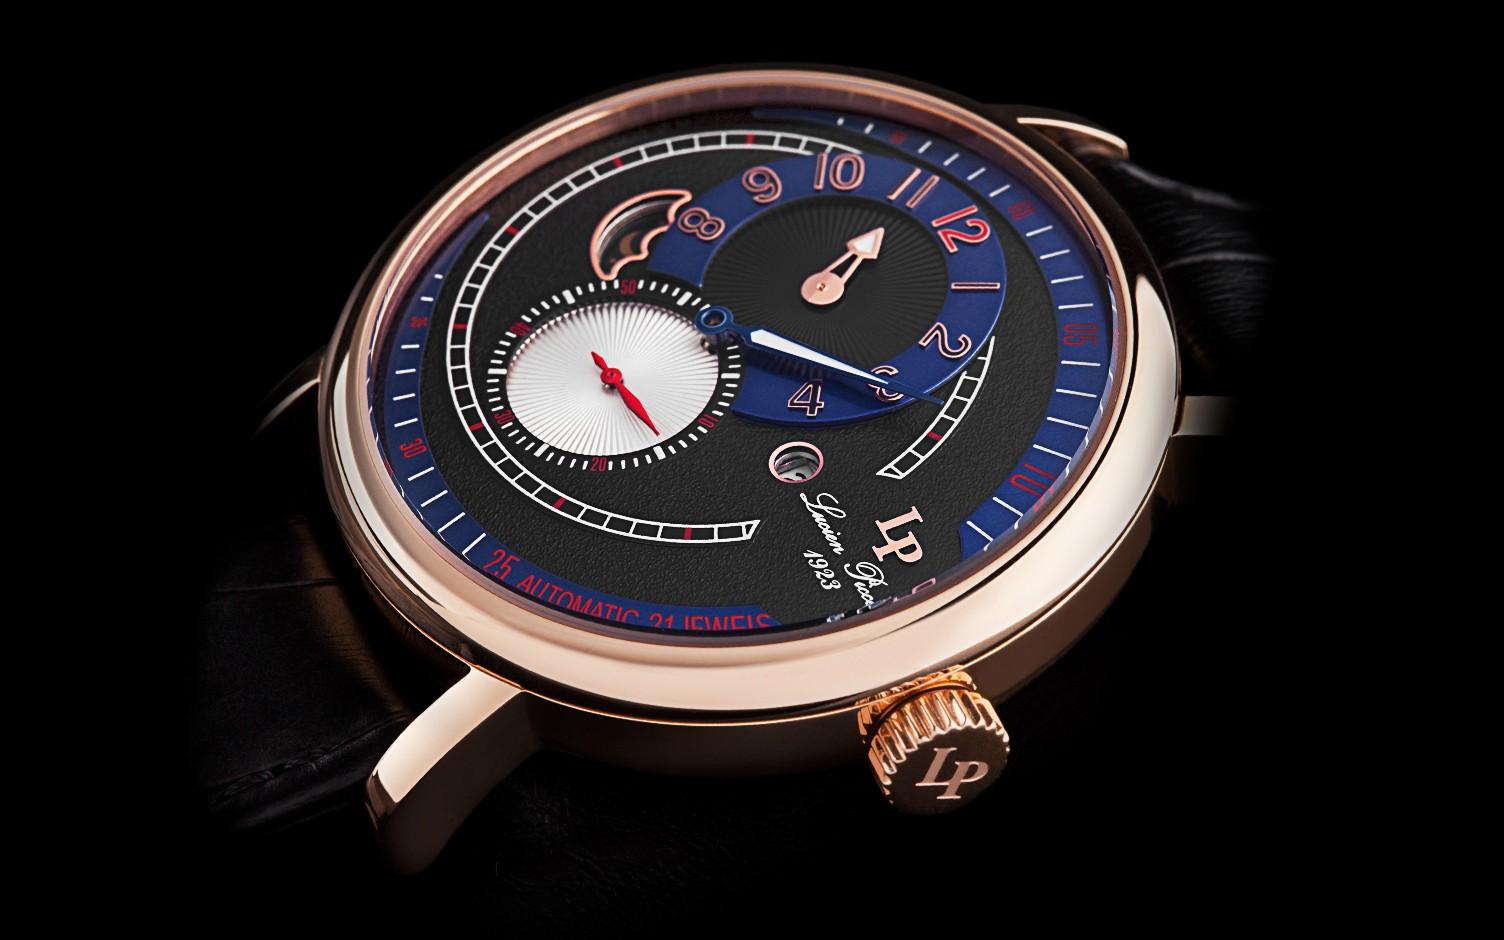 Đồng hồ Lucien Piccard đang giảm giá rất tốt tại Mỹ